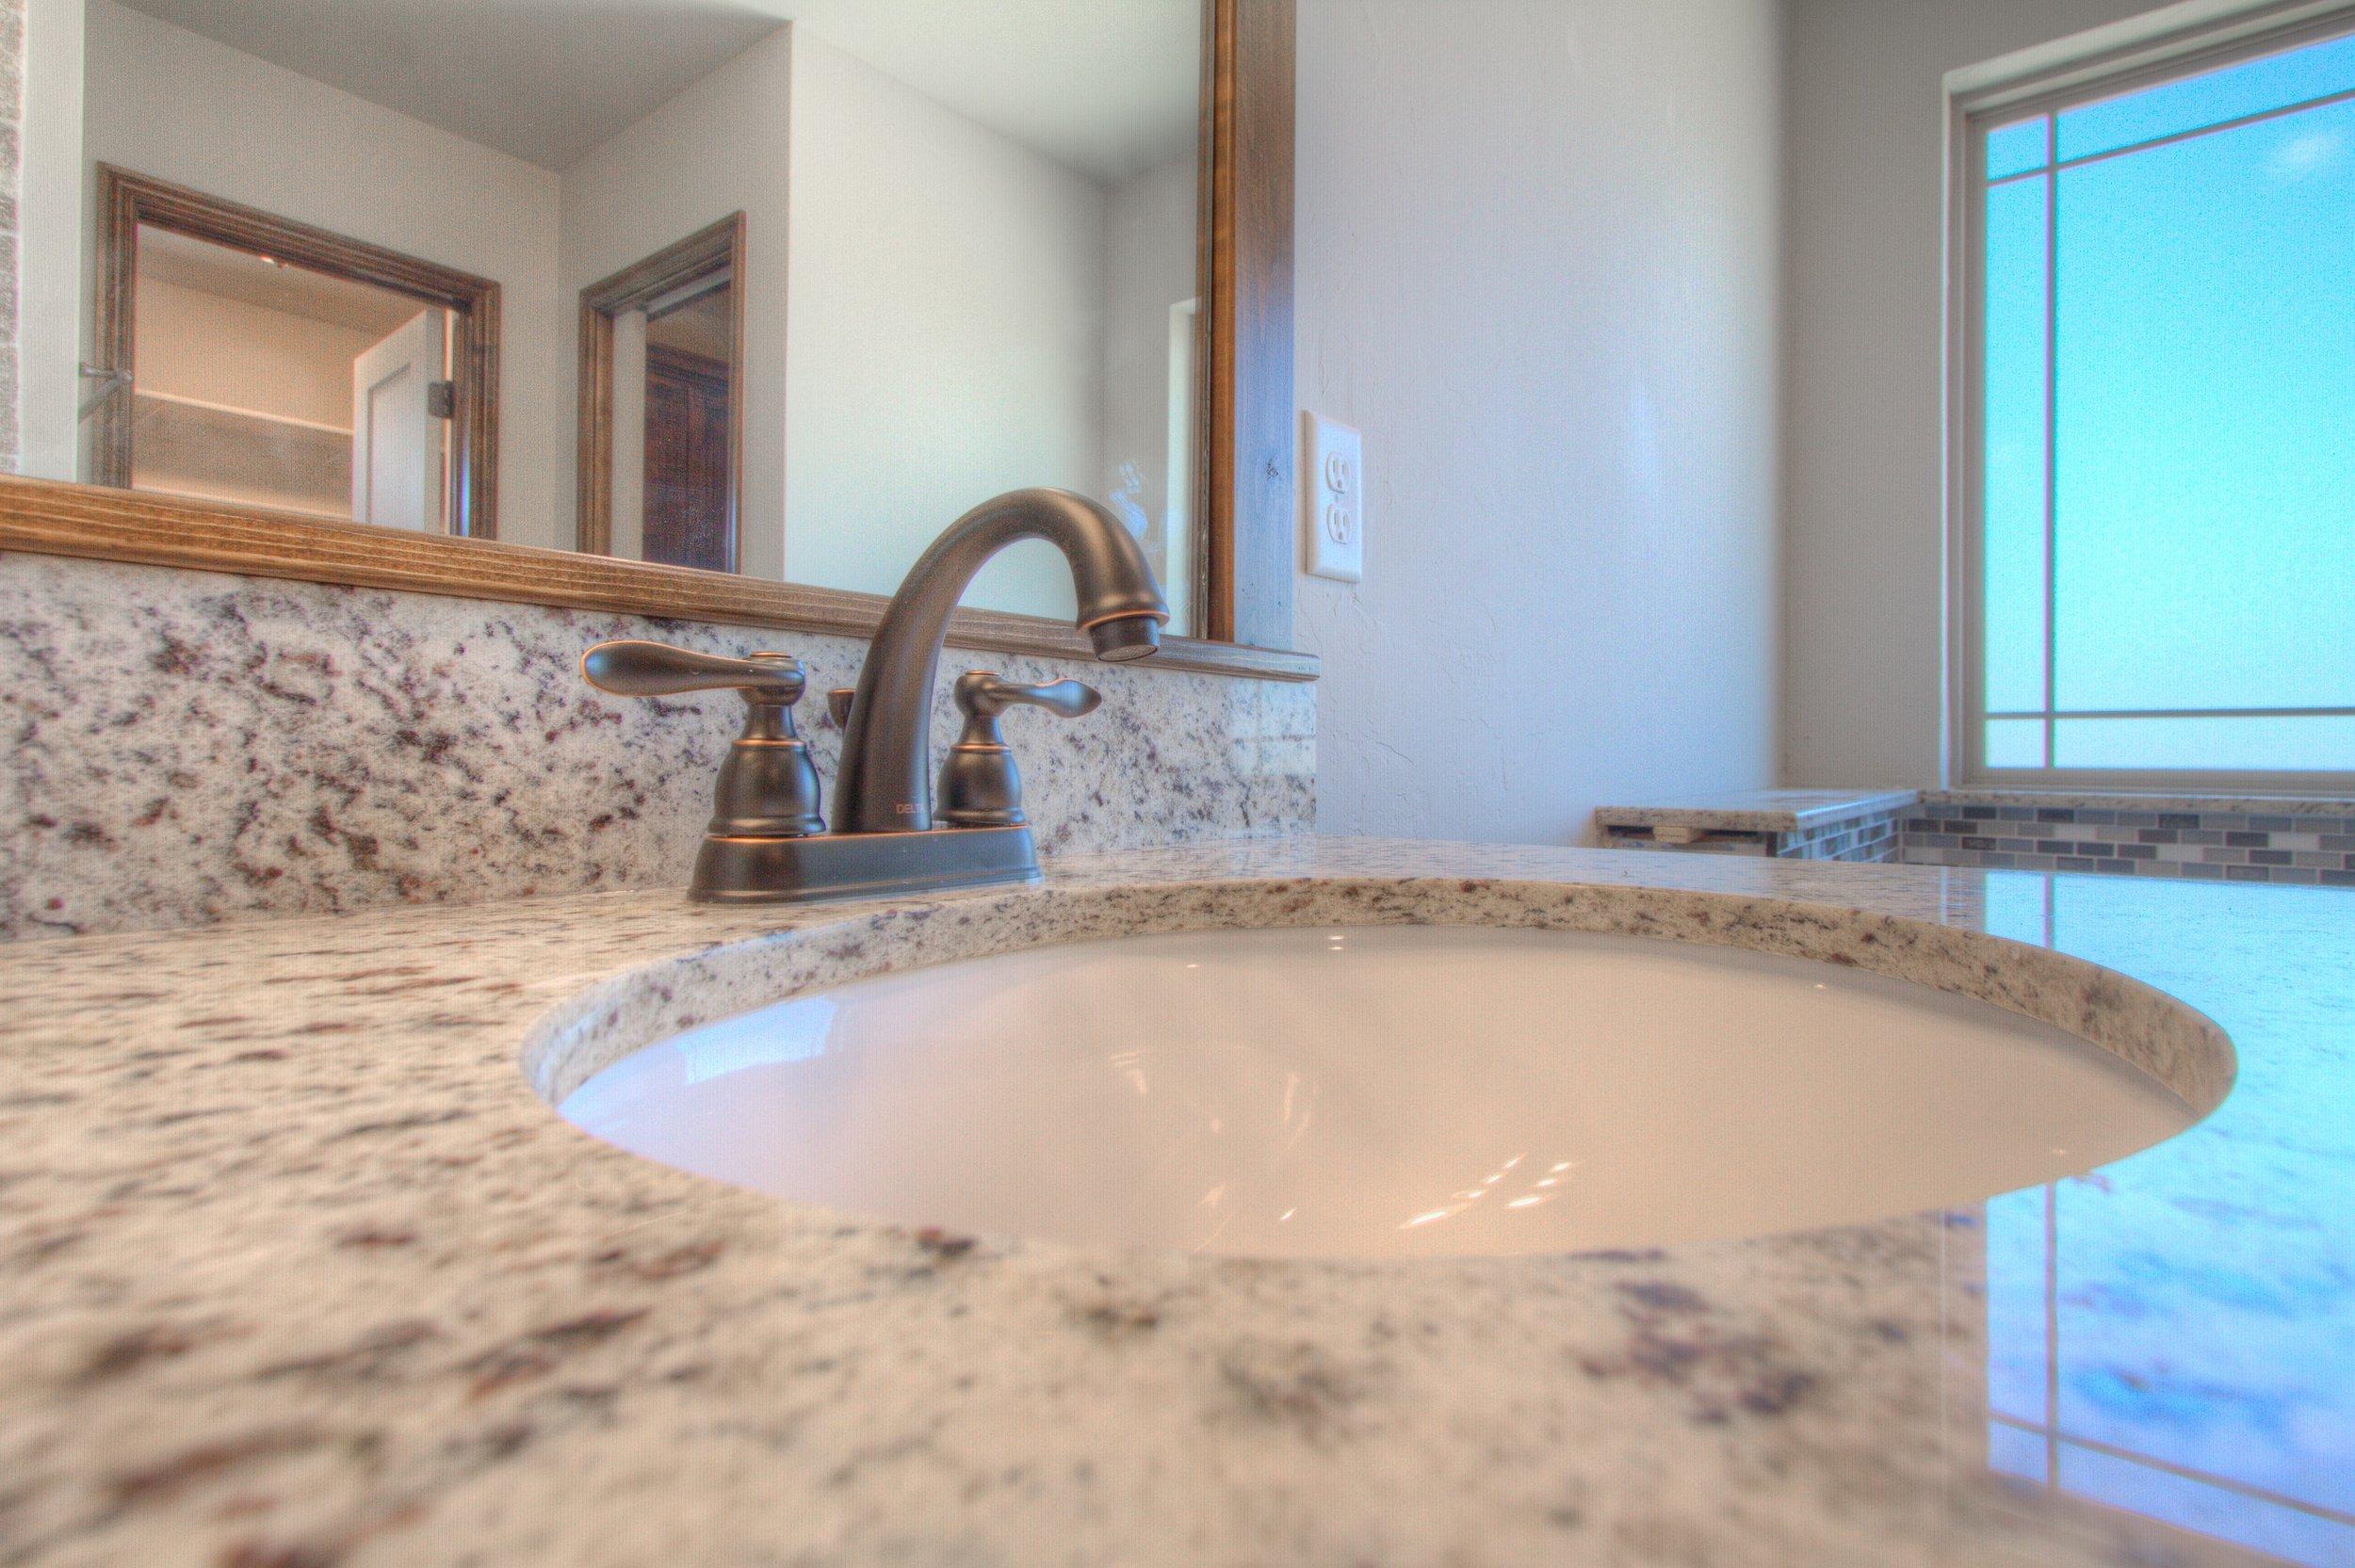 022_Master Bath Sink.jpg